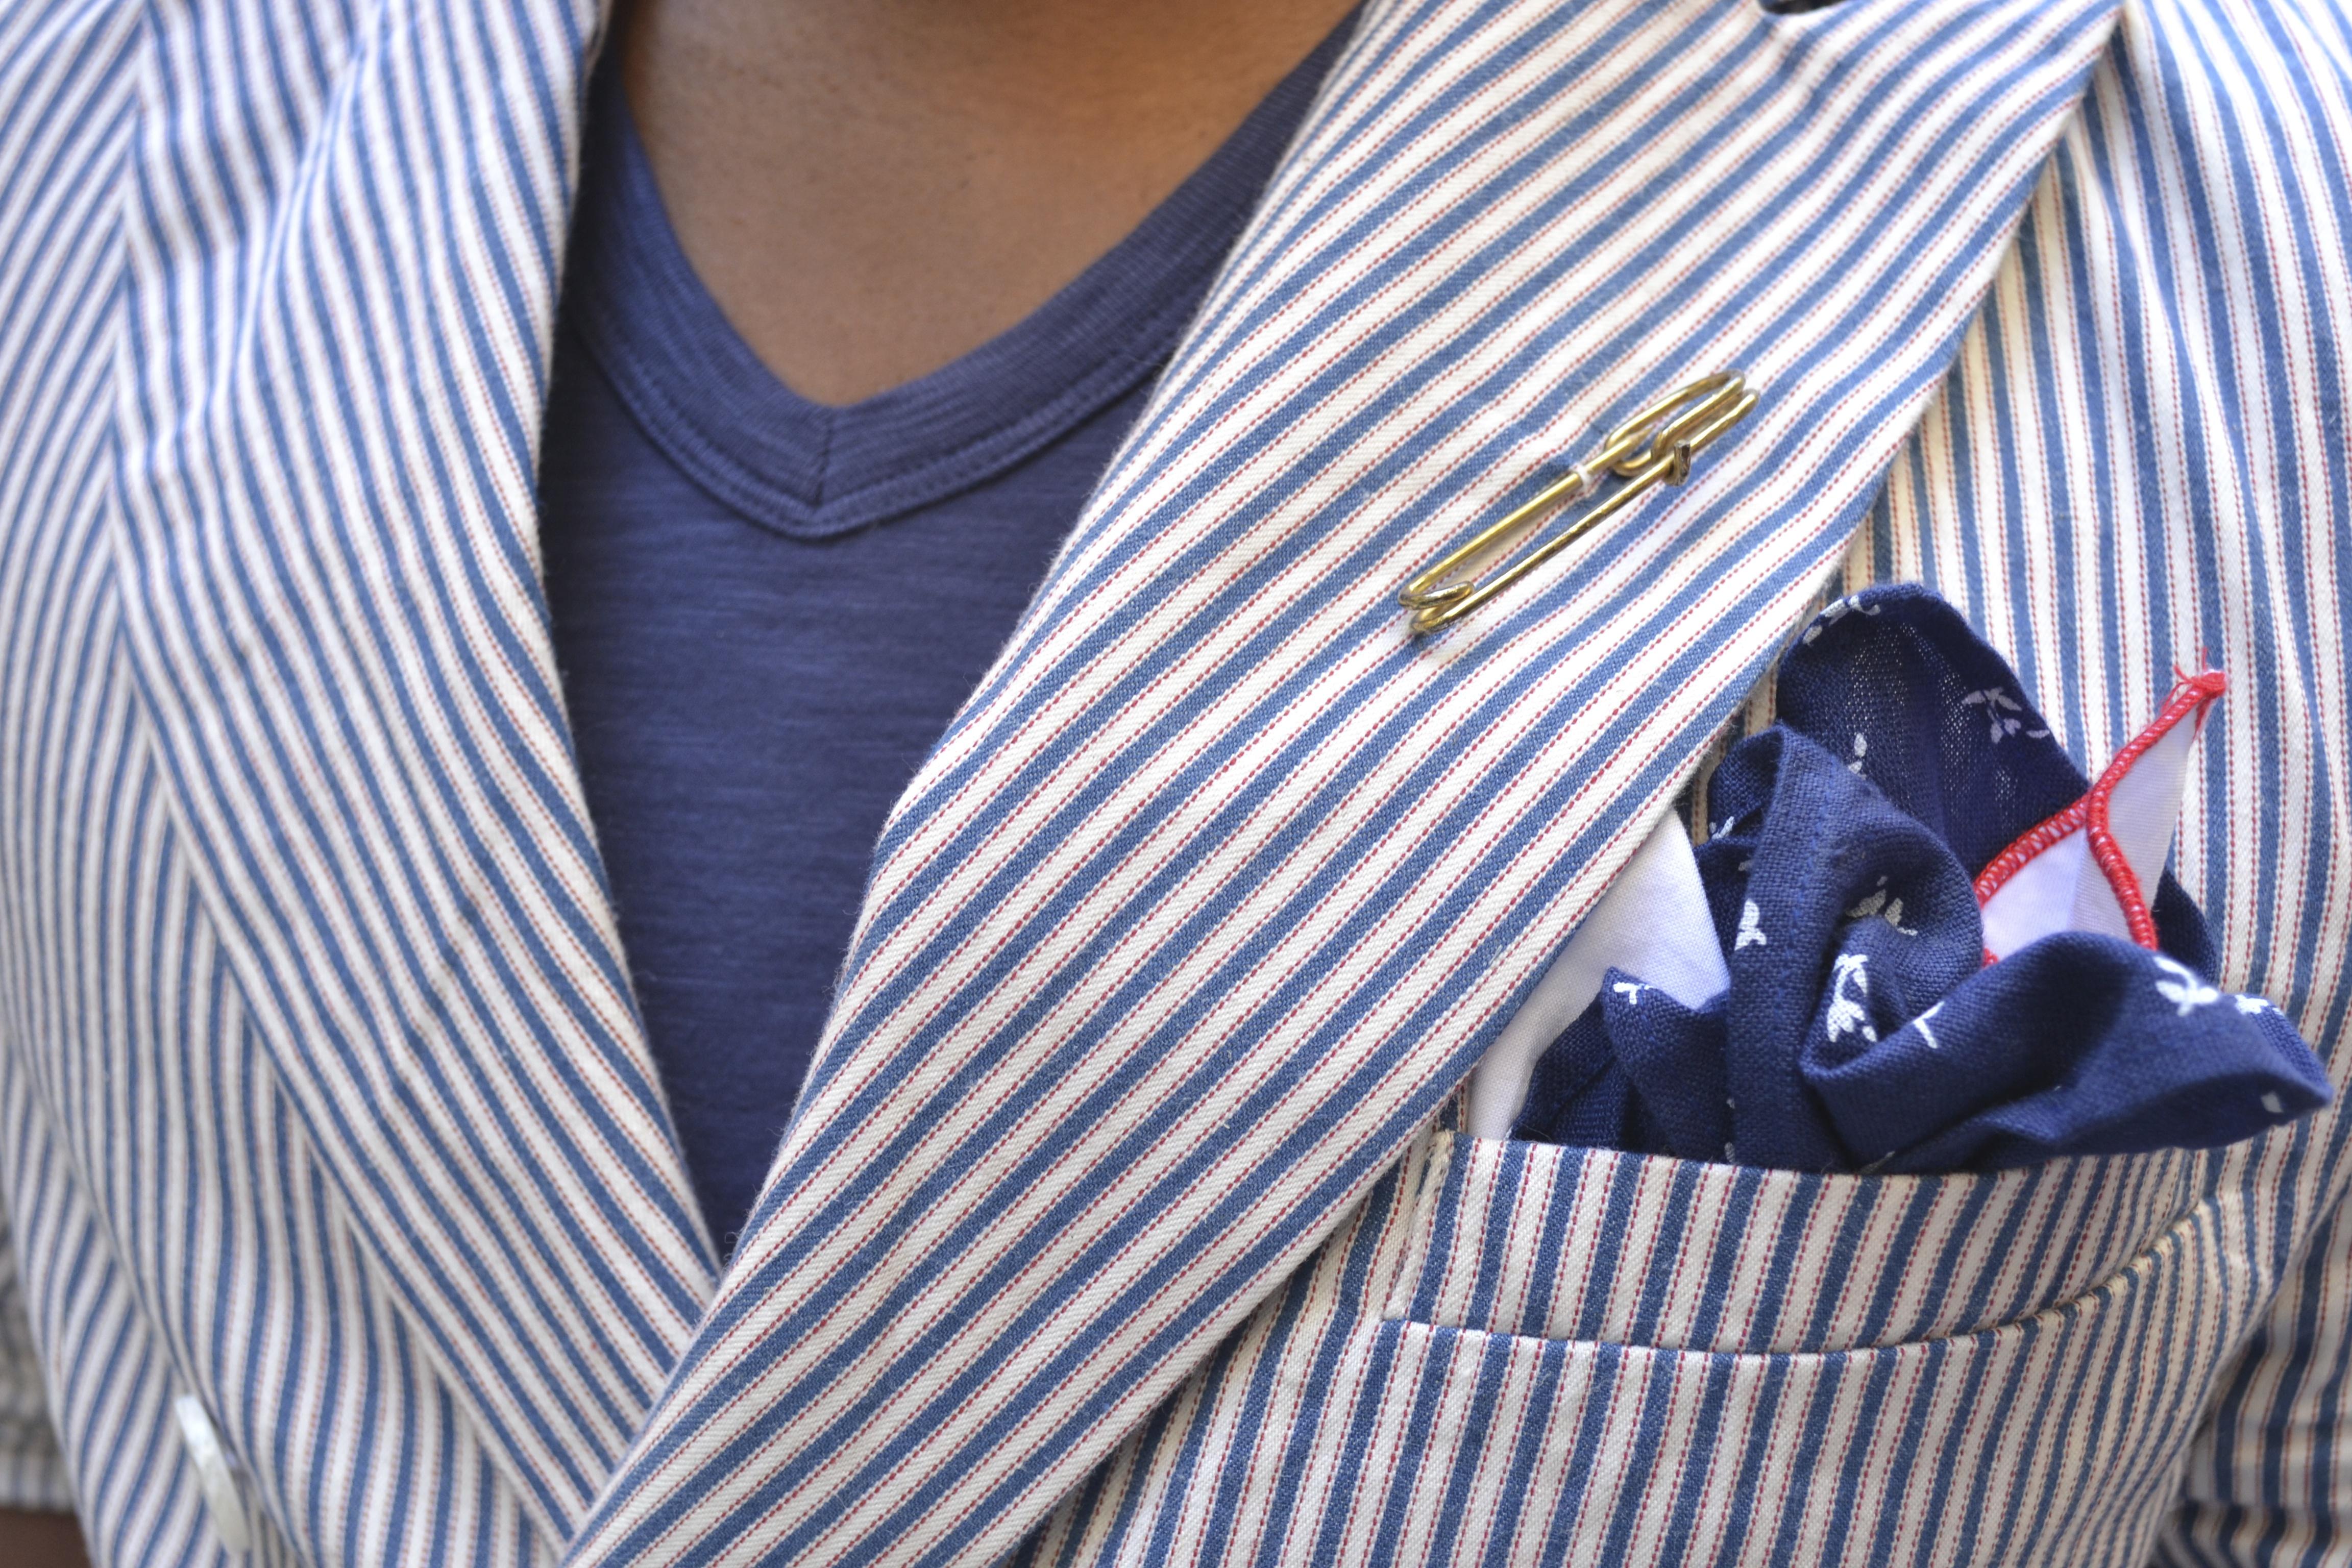 Sabir Peele at Pitti Uomo 84 in Barque NY Blazer